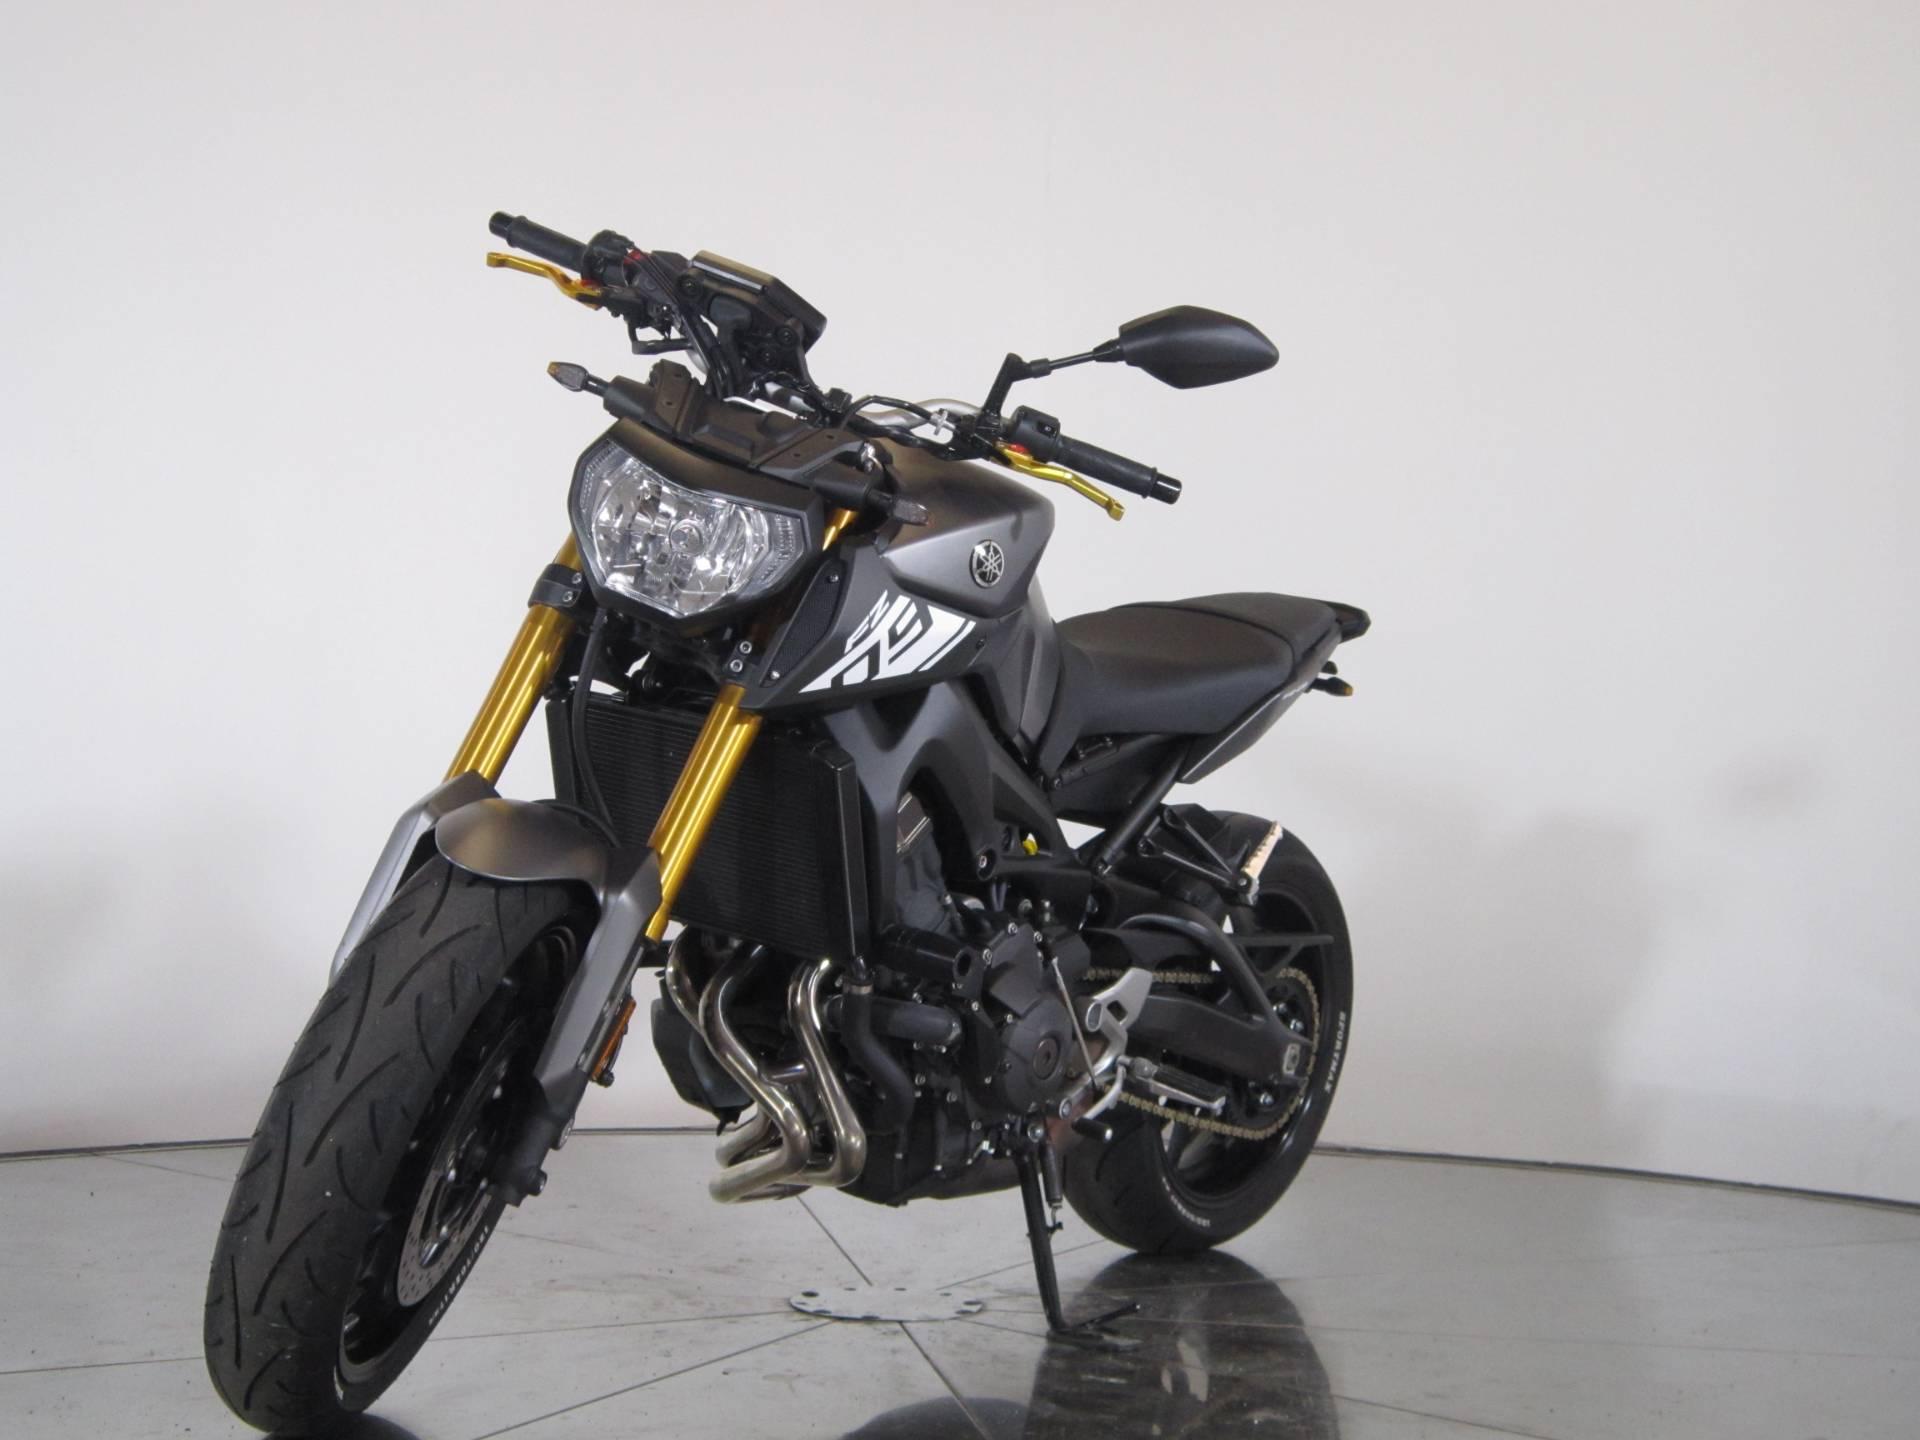 2015 Yamaha FZ-09 4